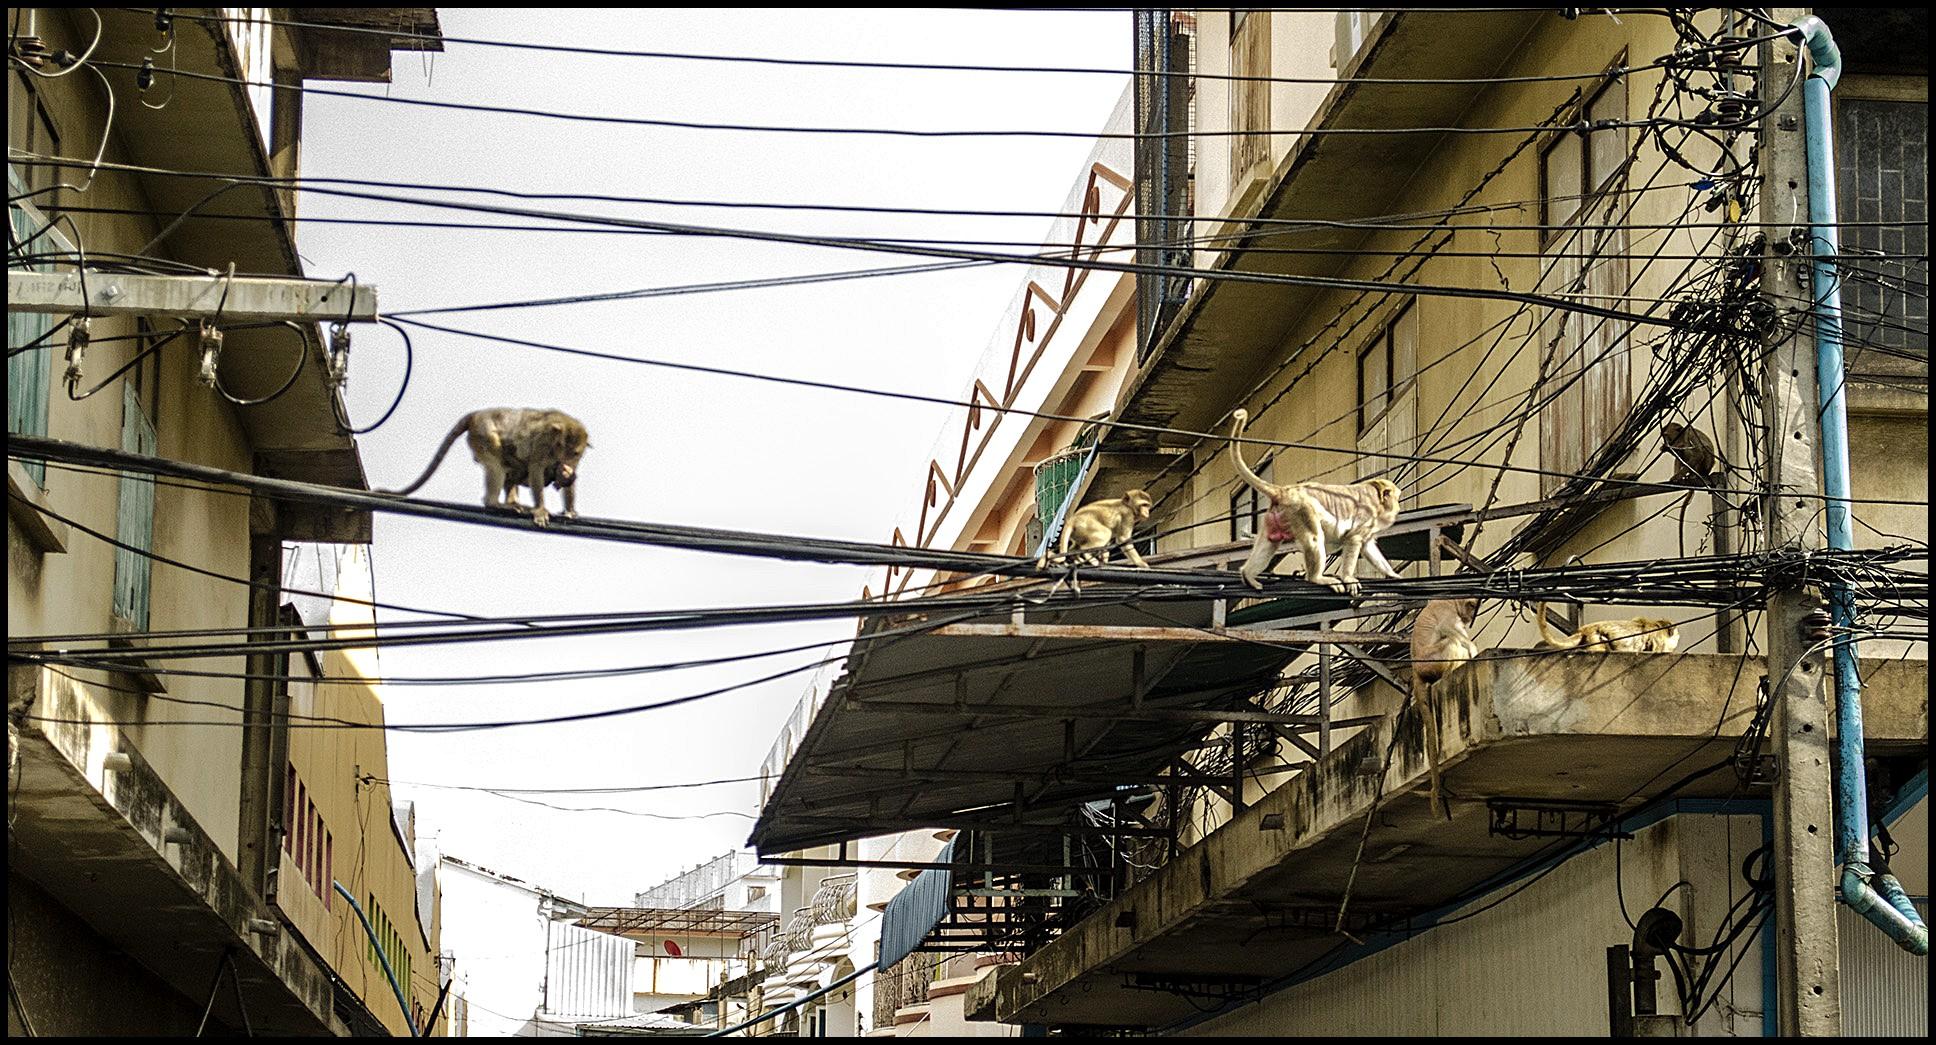 Miasto małp czyli Lop Buri